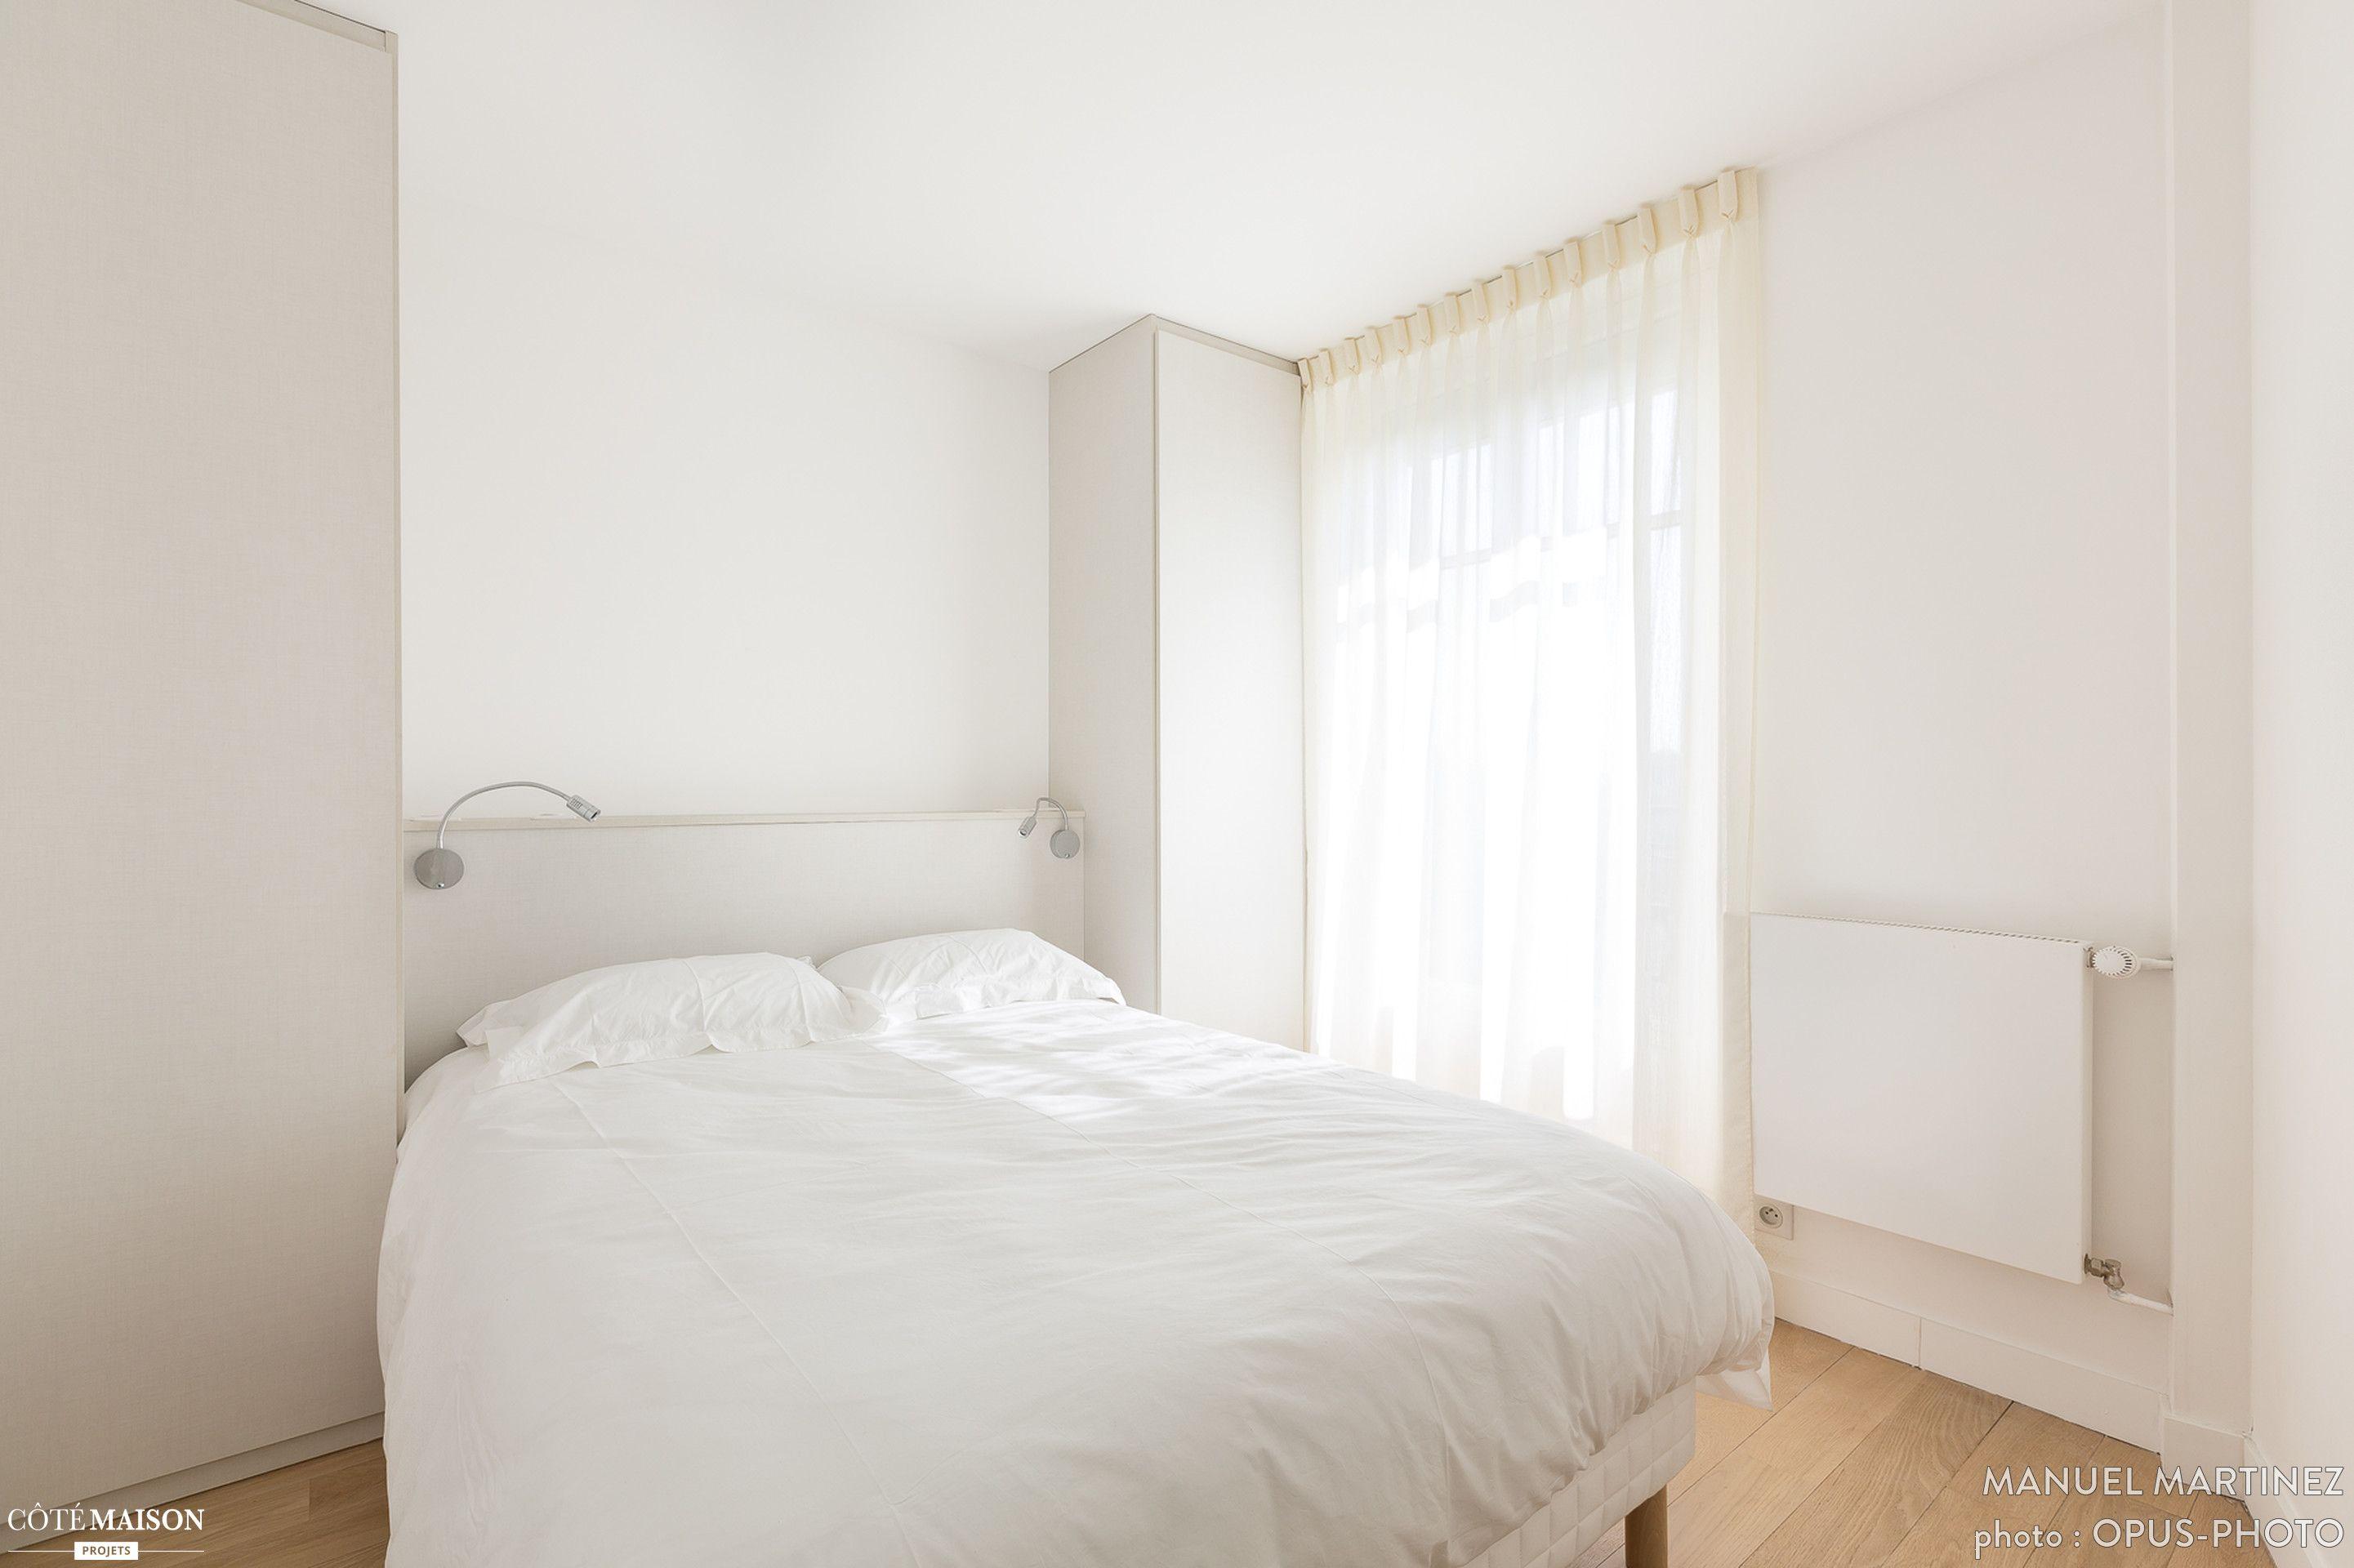 Une chambre avec une ambiance saharienne ou le sable de la peinture